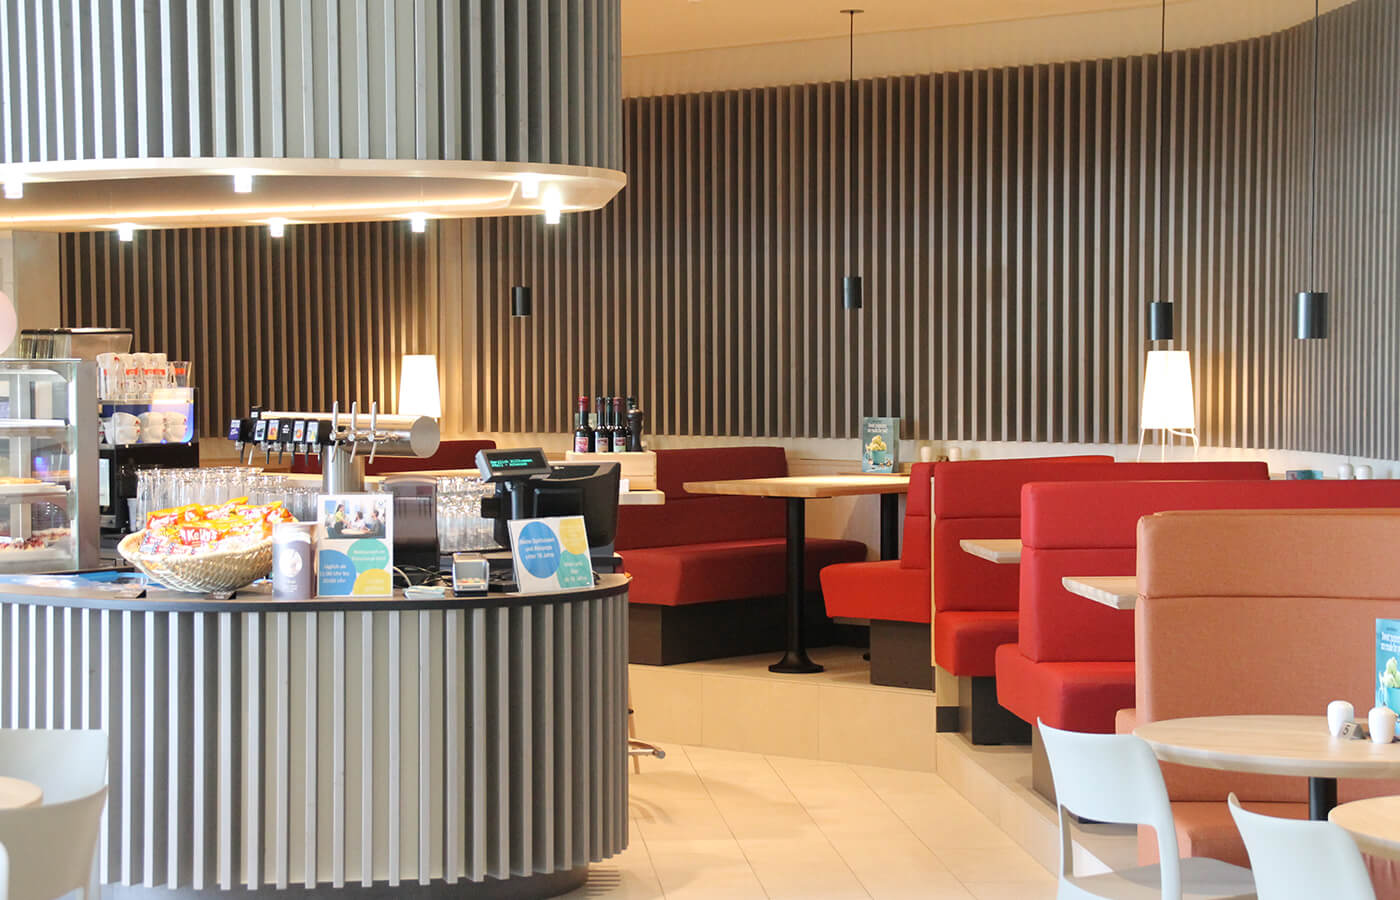 Atoll Achensee, Bar Design im Wellnessbereich, Lamellenfront in der Gastronomie Einrichtung